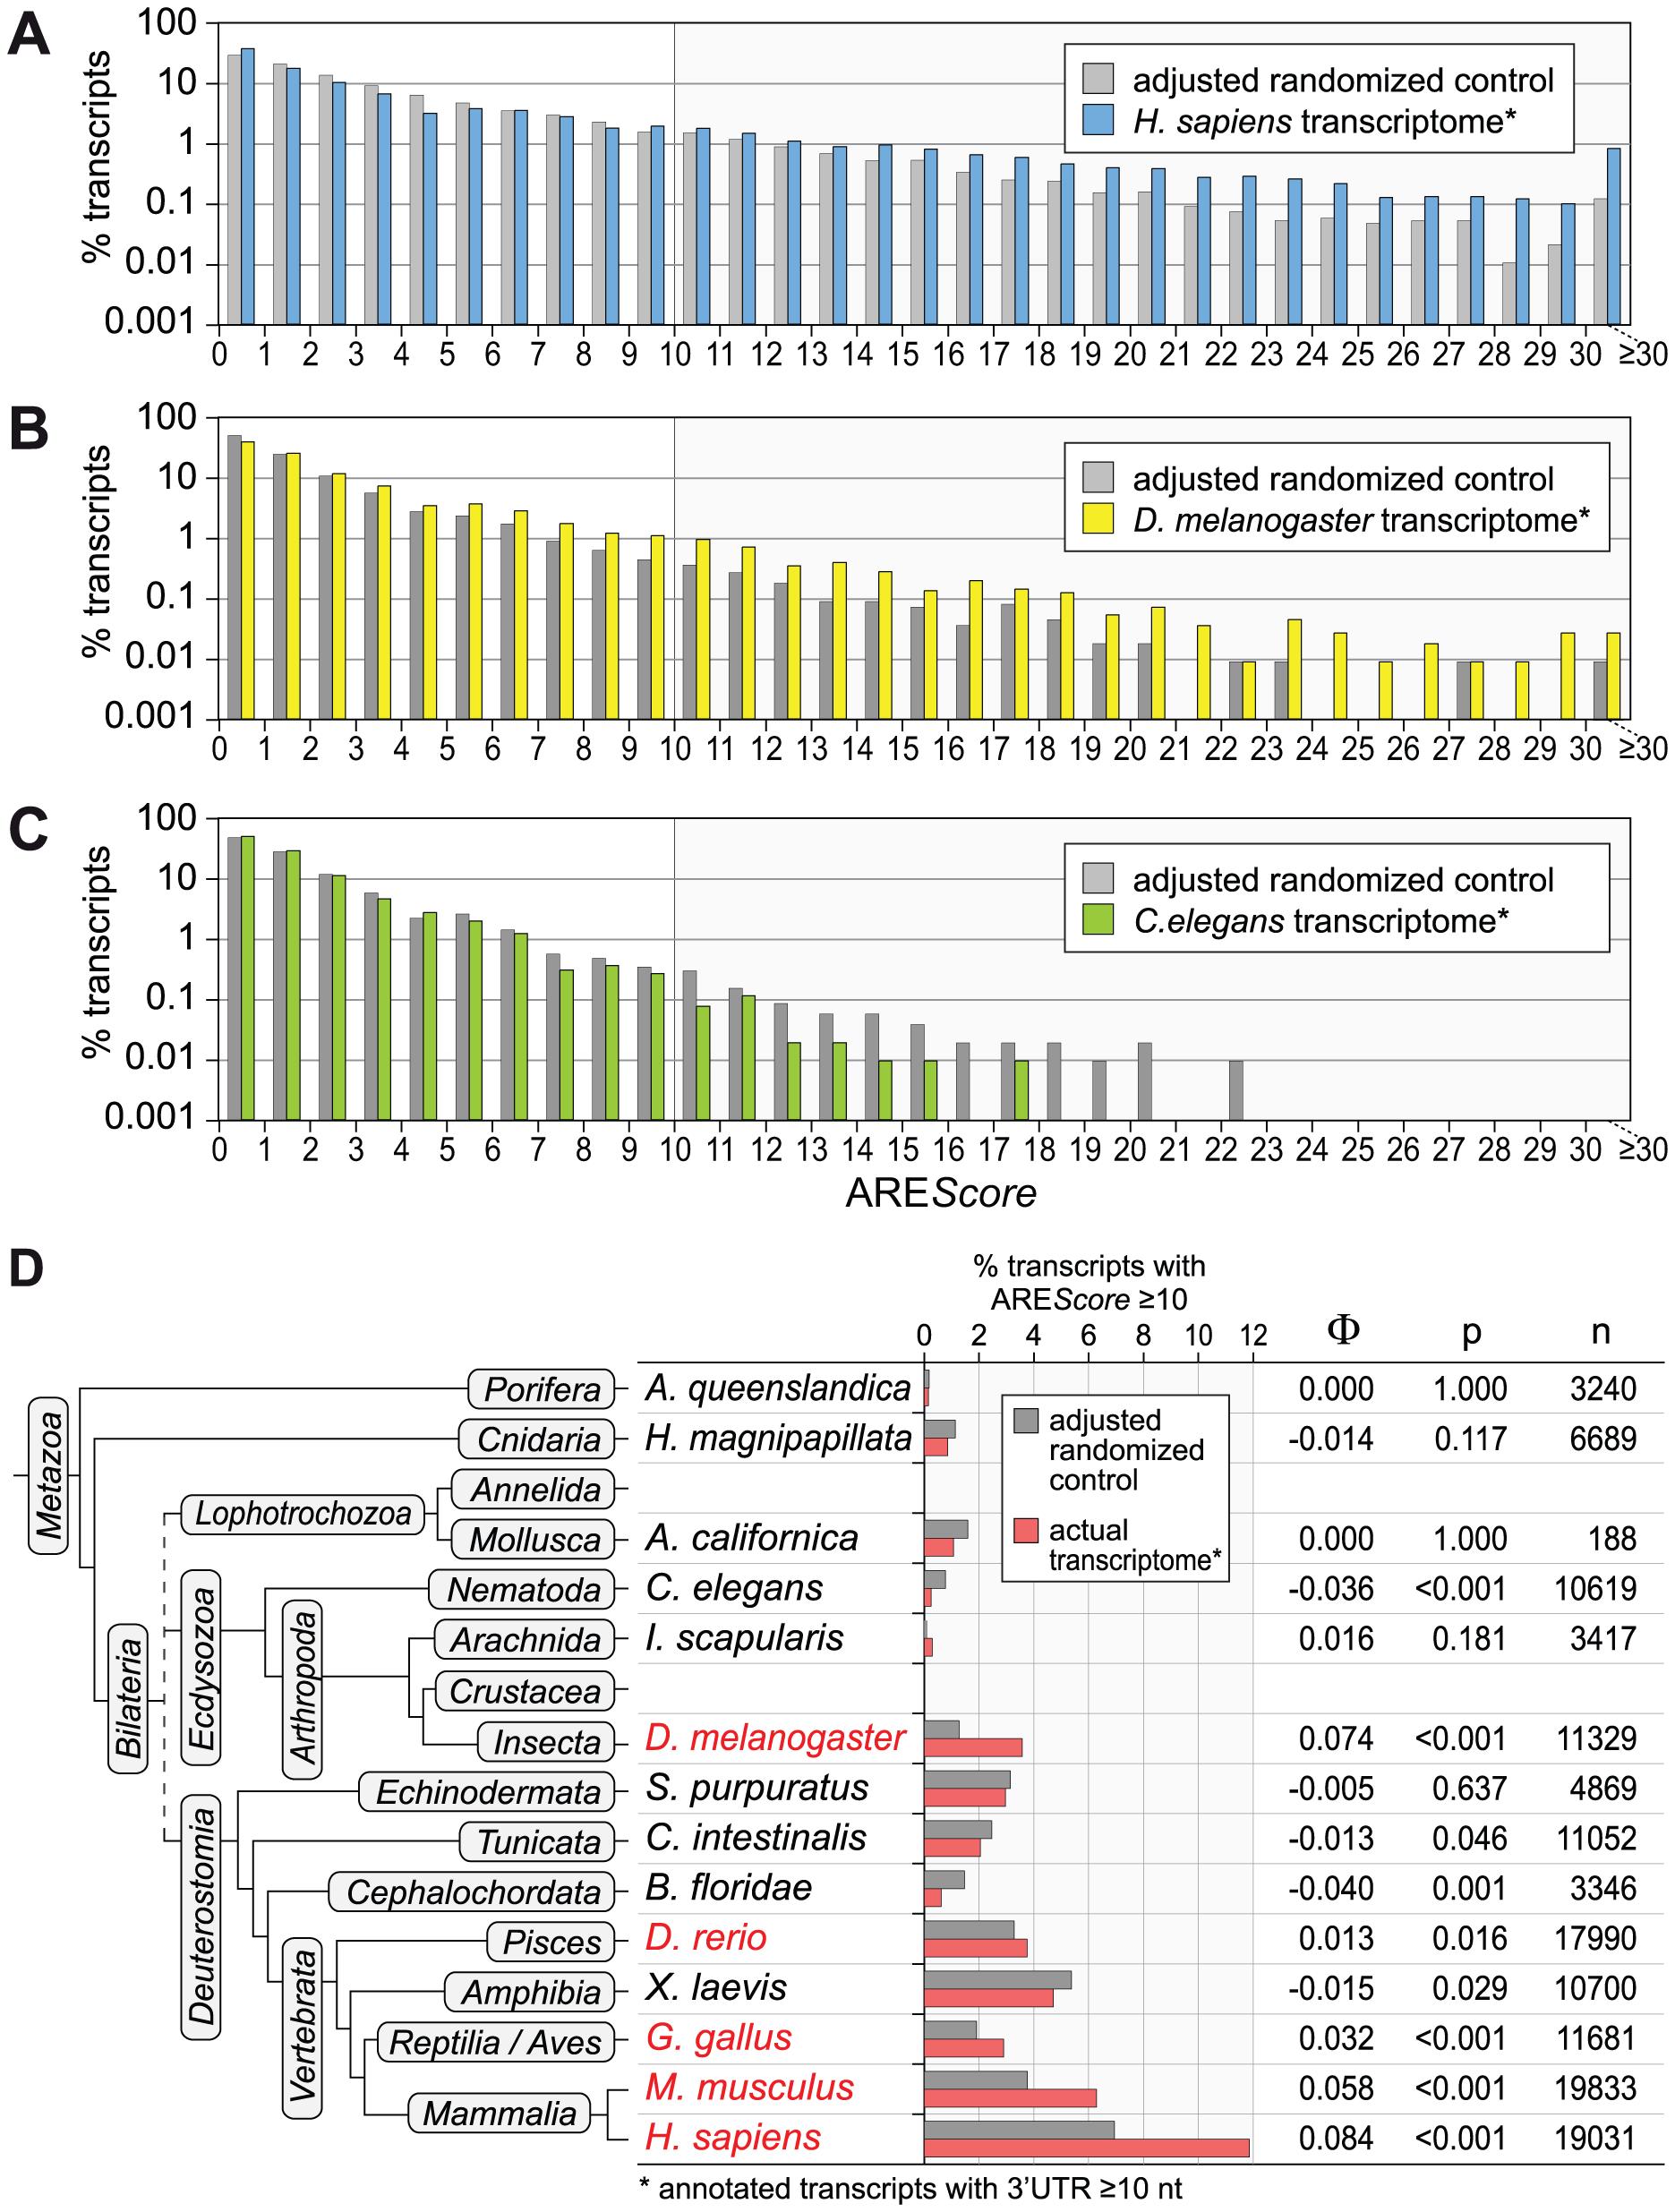 ARE<i>Score</i> distribution in comparison to randomized controls.